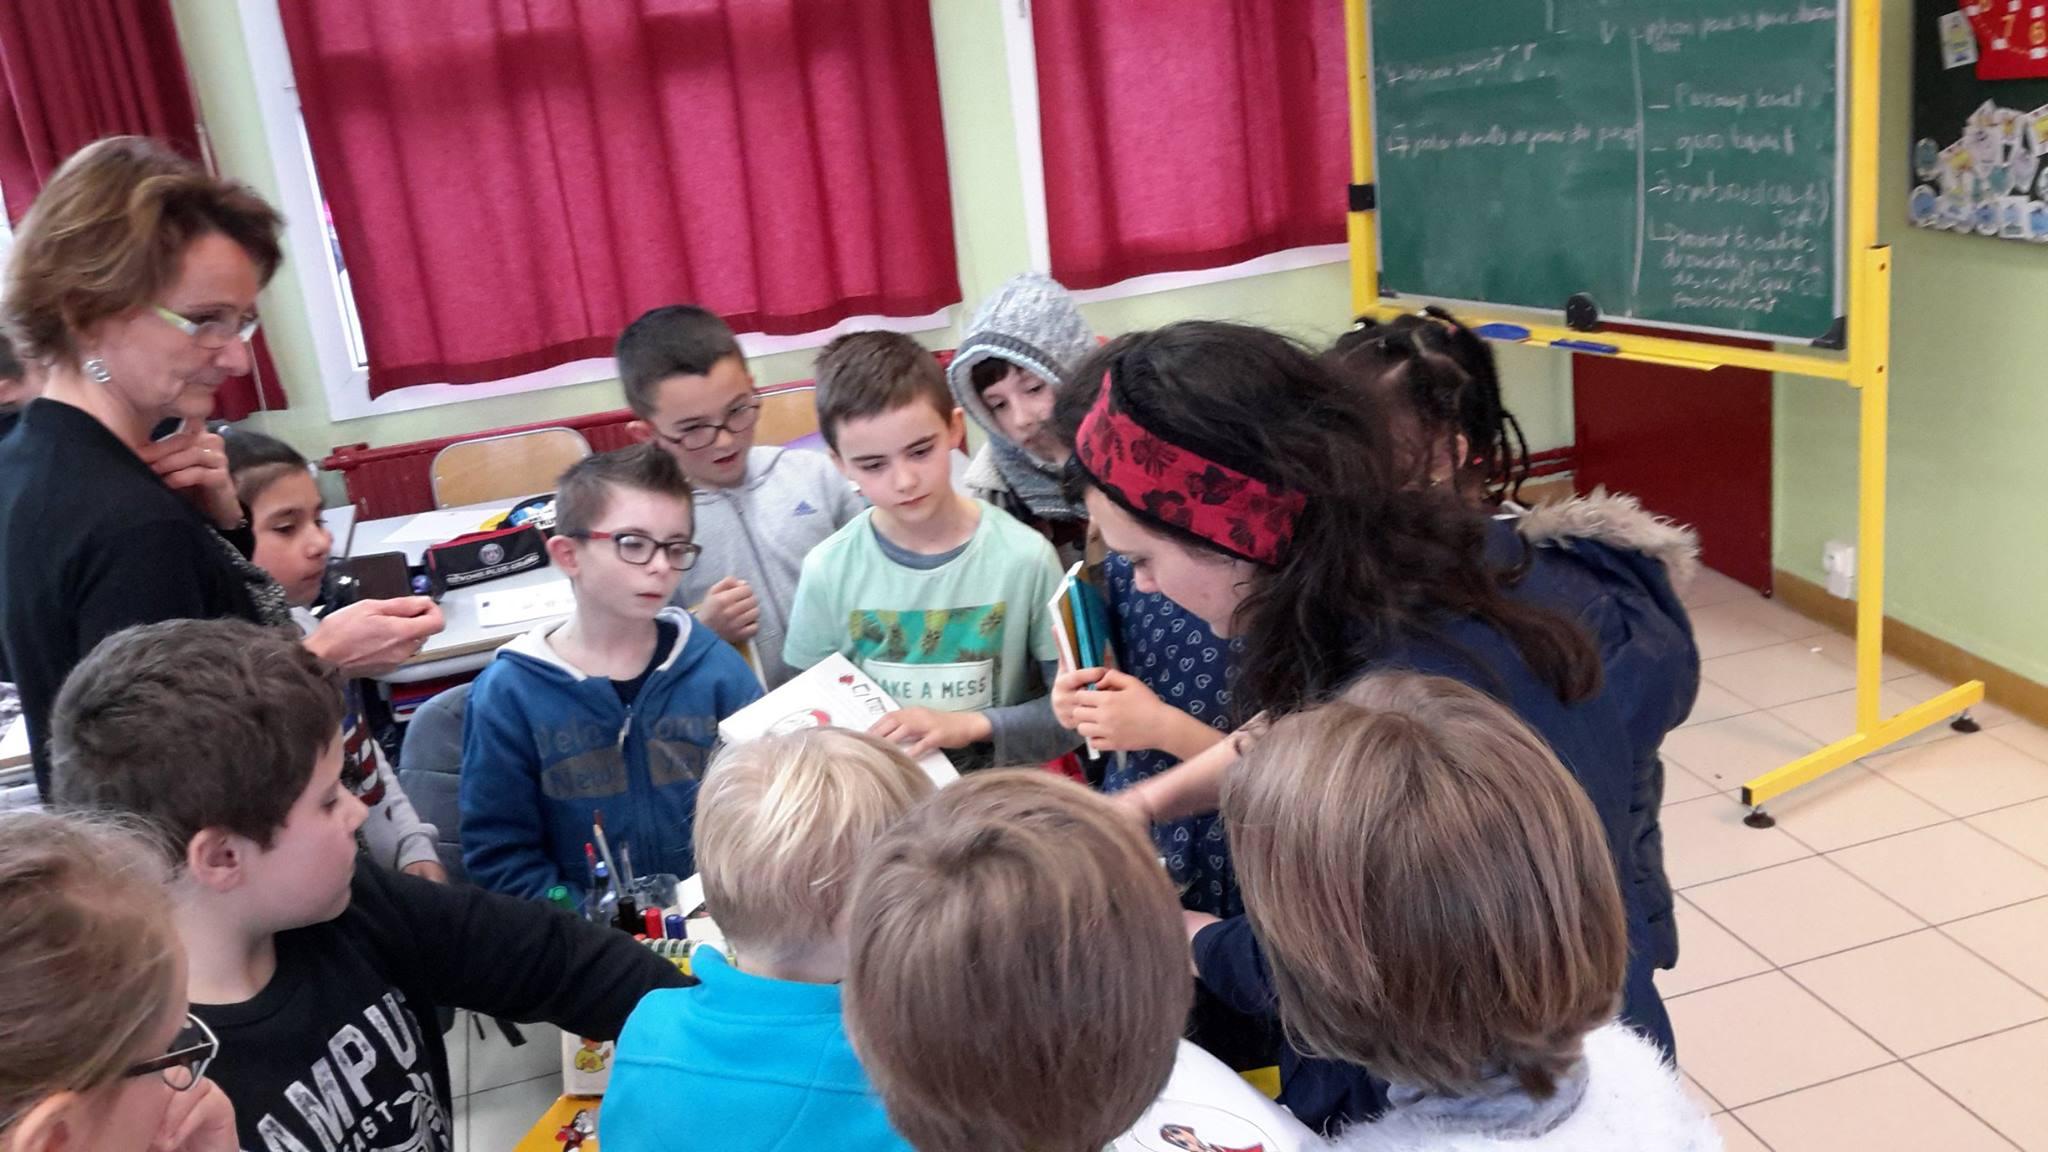 Les écoliers rencontrent les auteurs